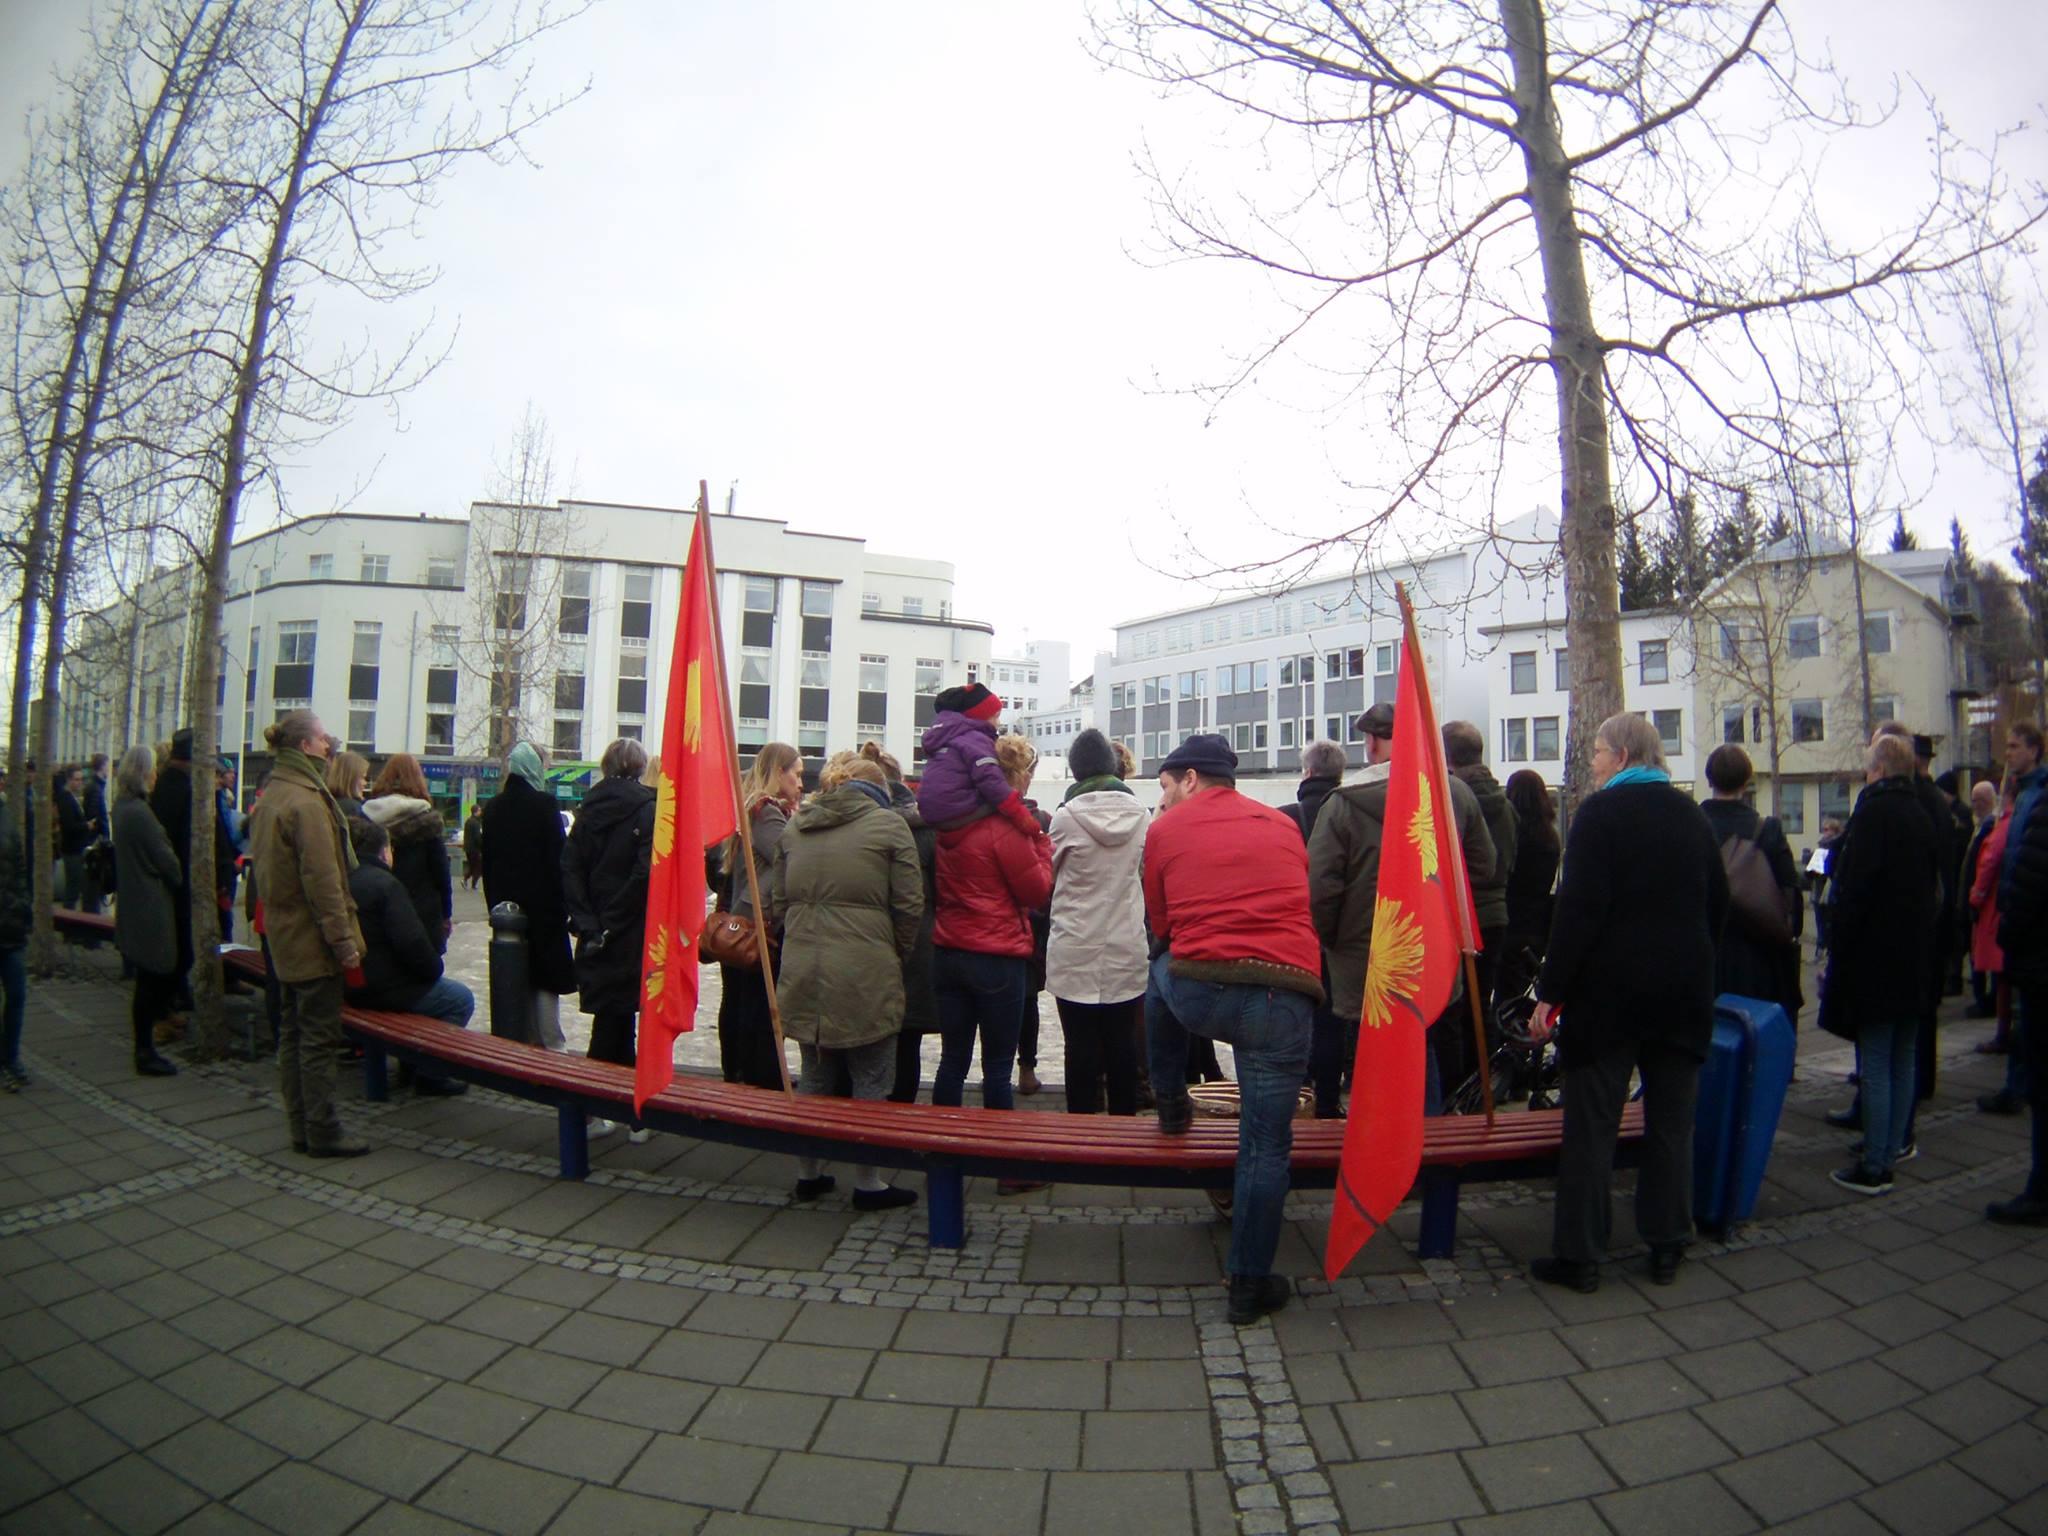 Des manifestants à Akureyri, au nord de l'Islande, le 6 avril 2016. Crédit : Solveig Veyssiere